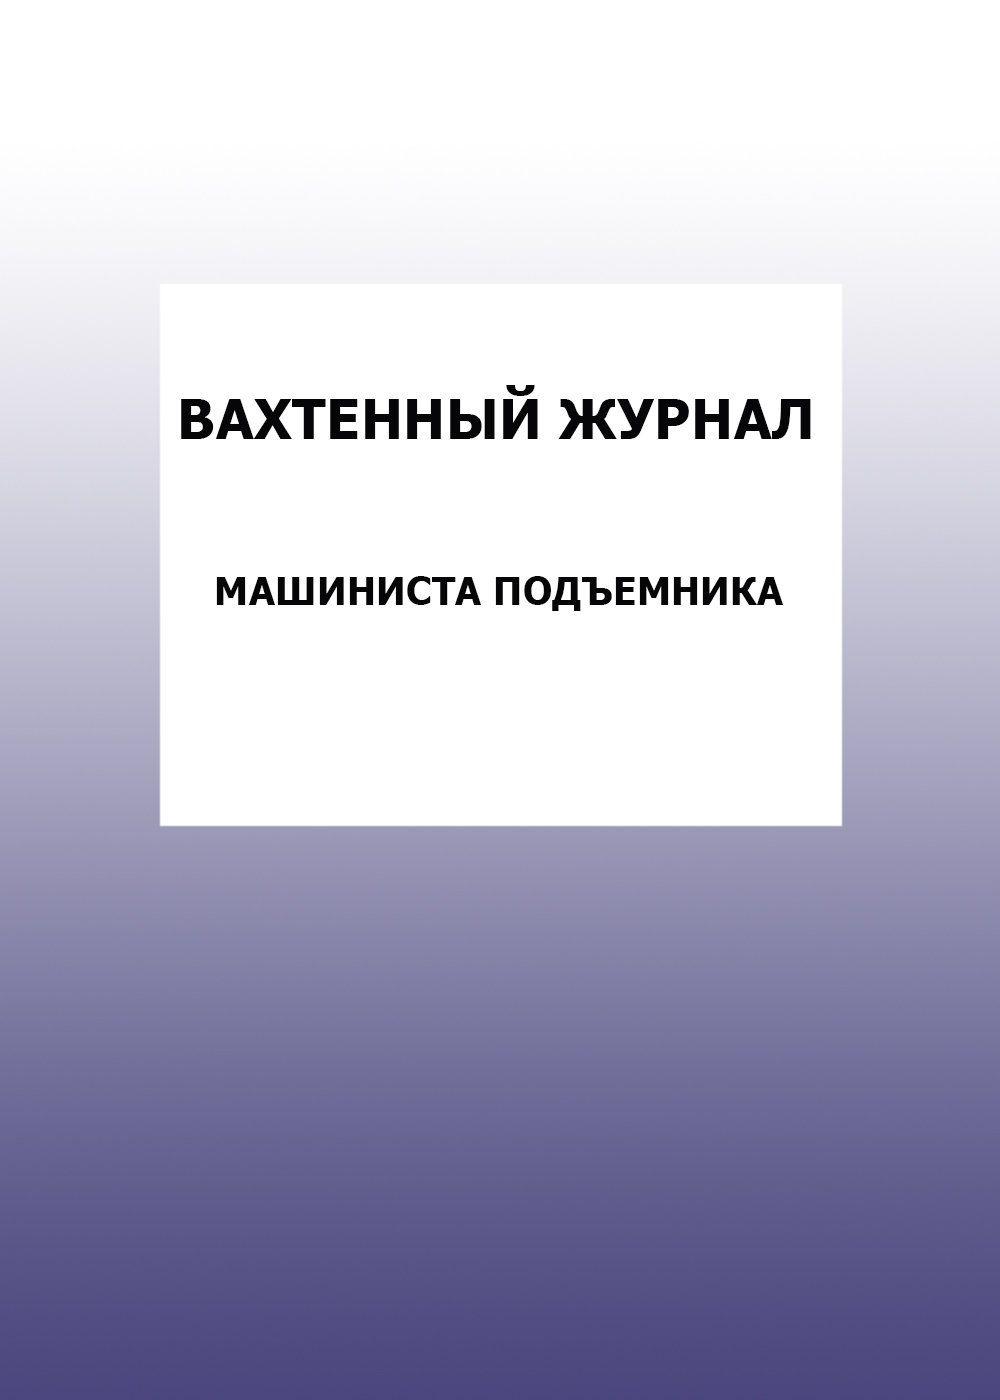 Вахтенный журнал машиниста подъемника: упаковка 100 шт.